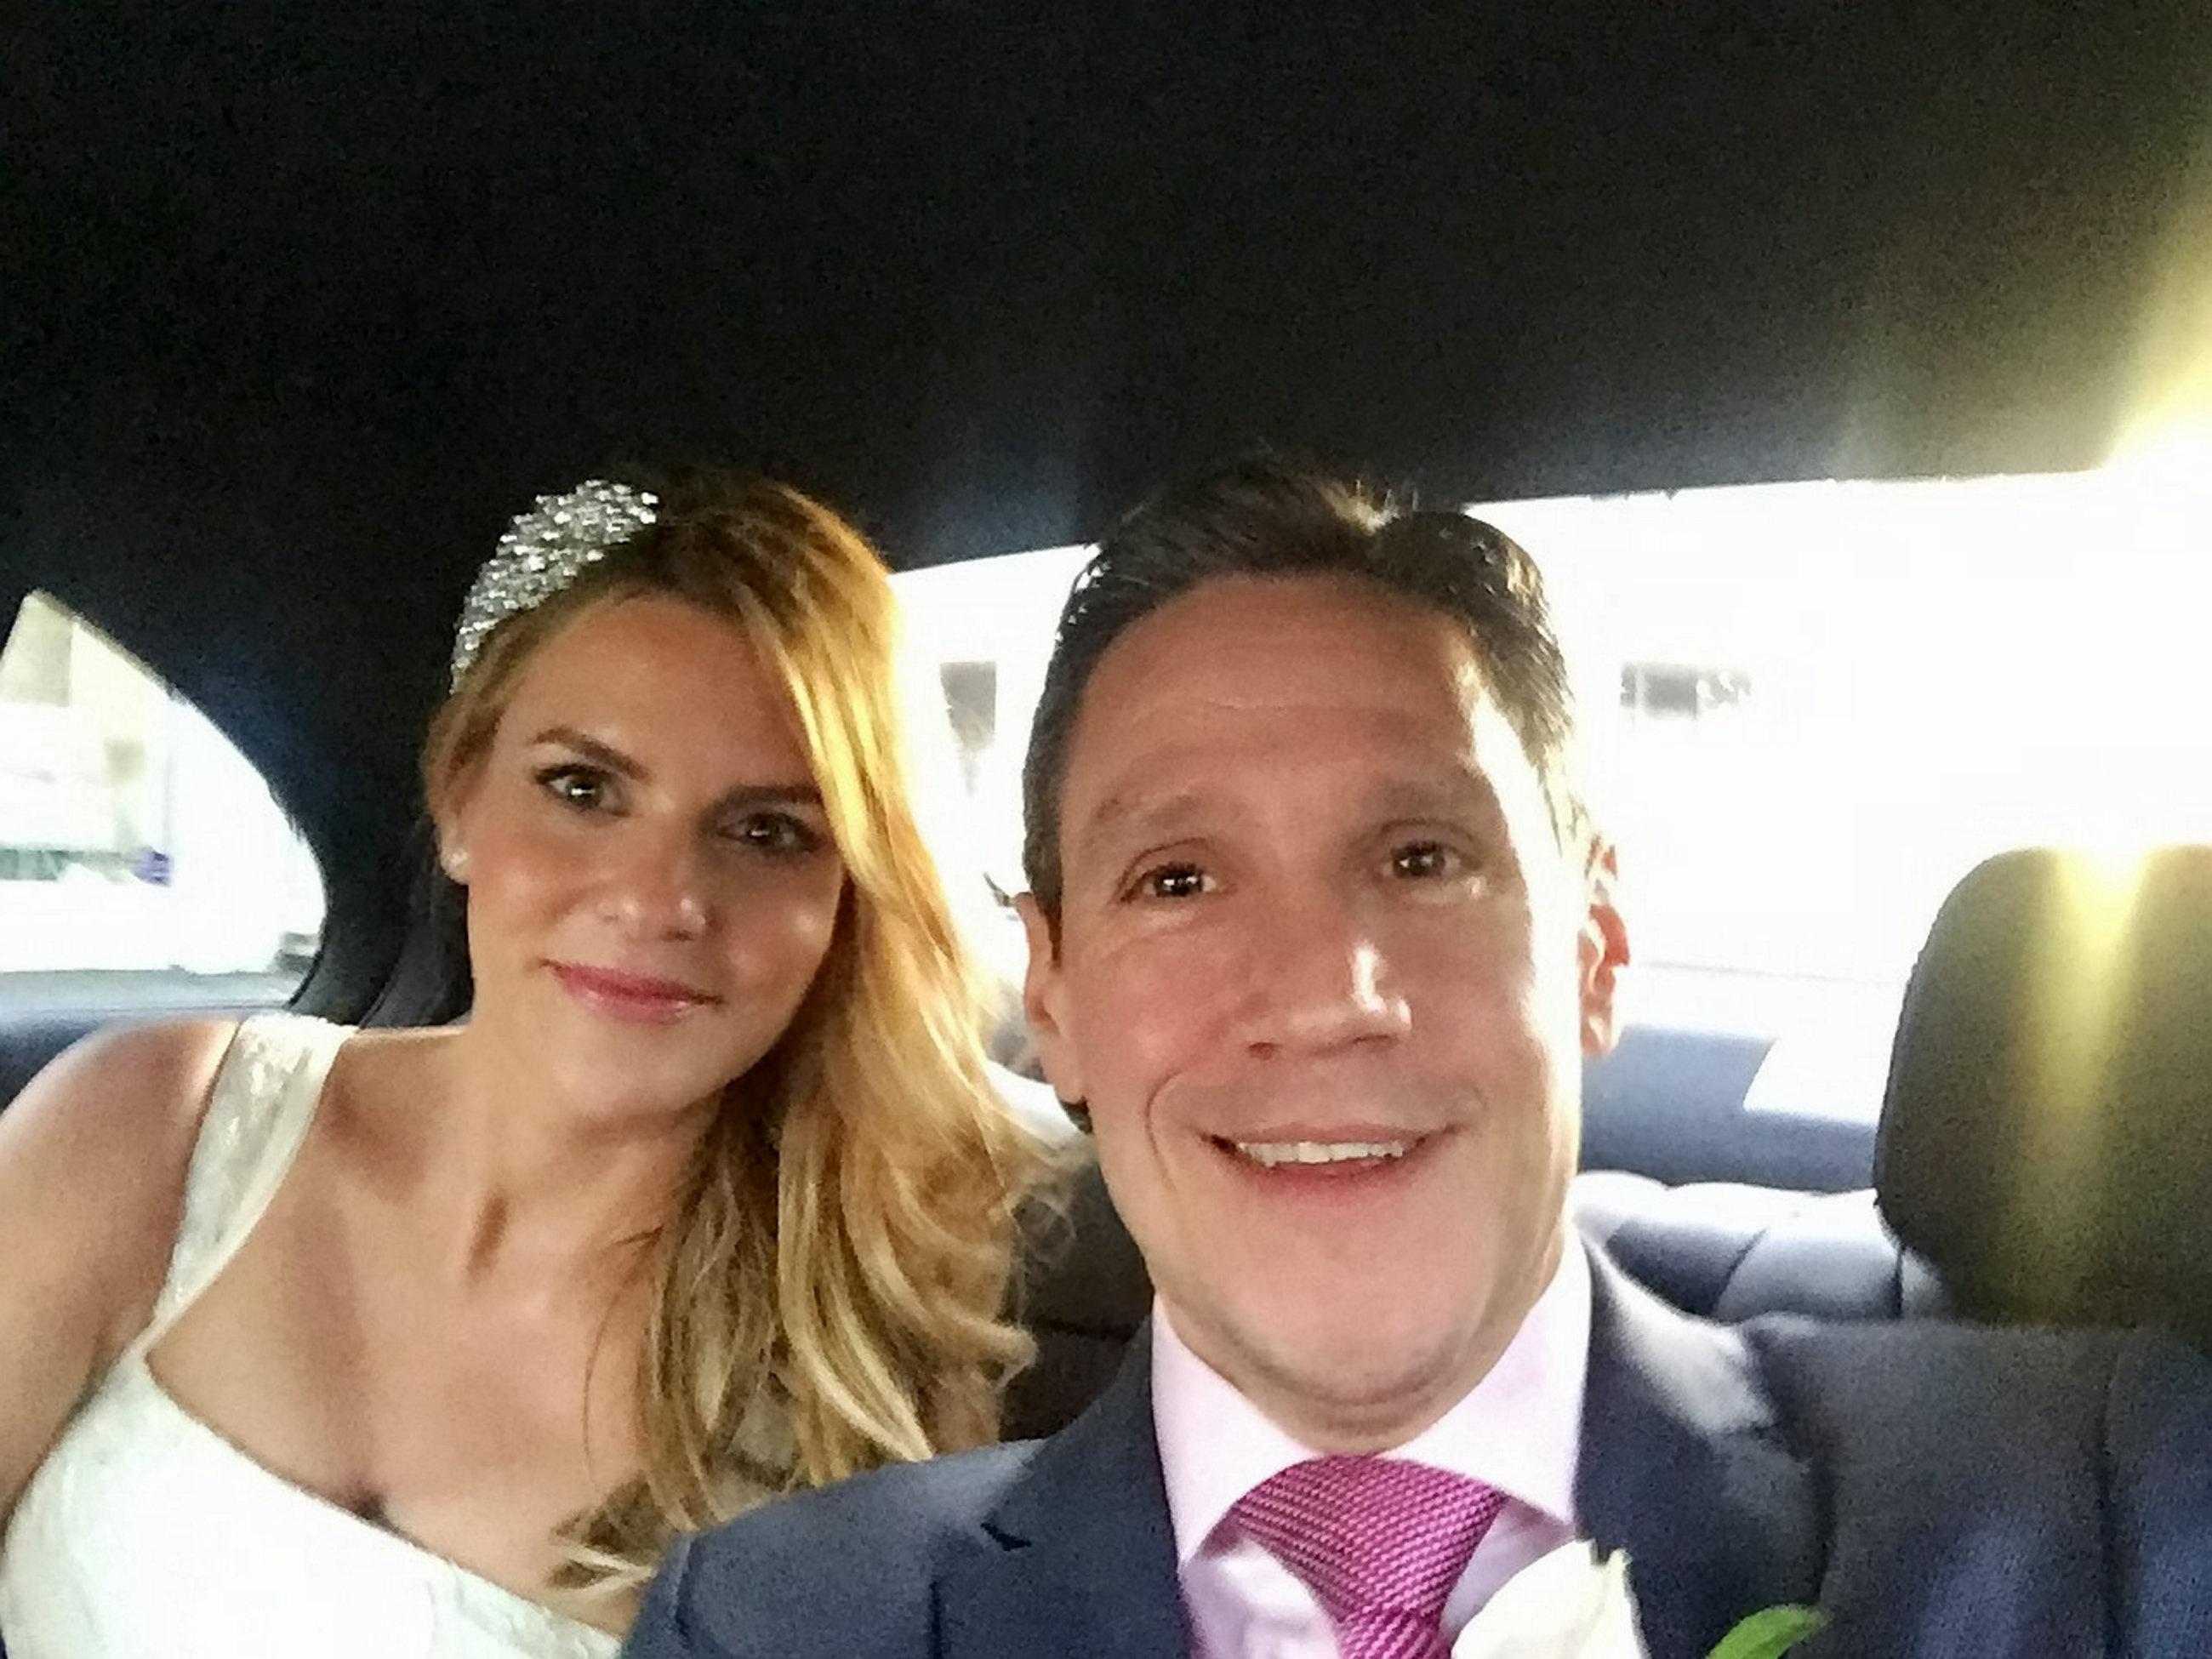 Couple Who Met Via Mistaken WhatsApp Message Fall In Love